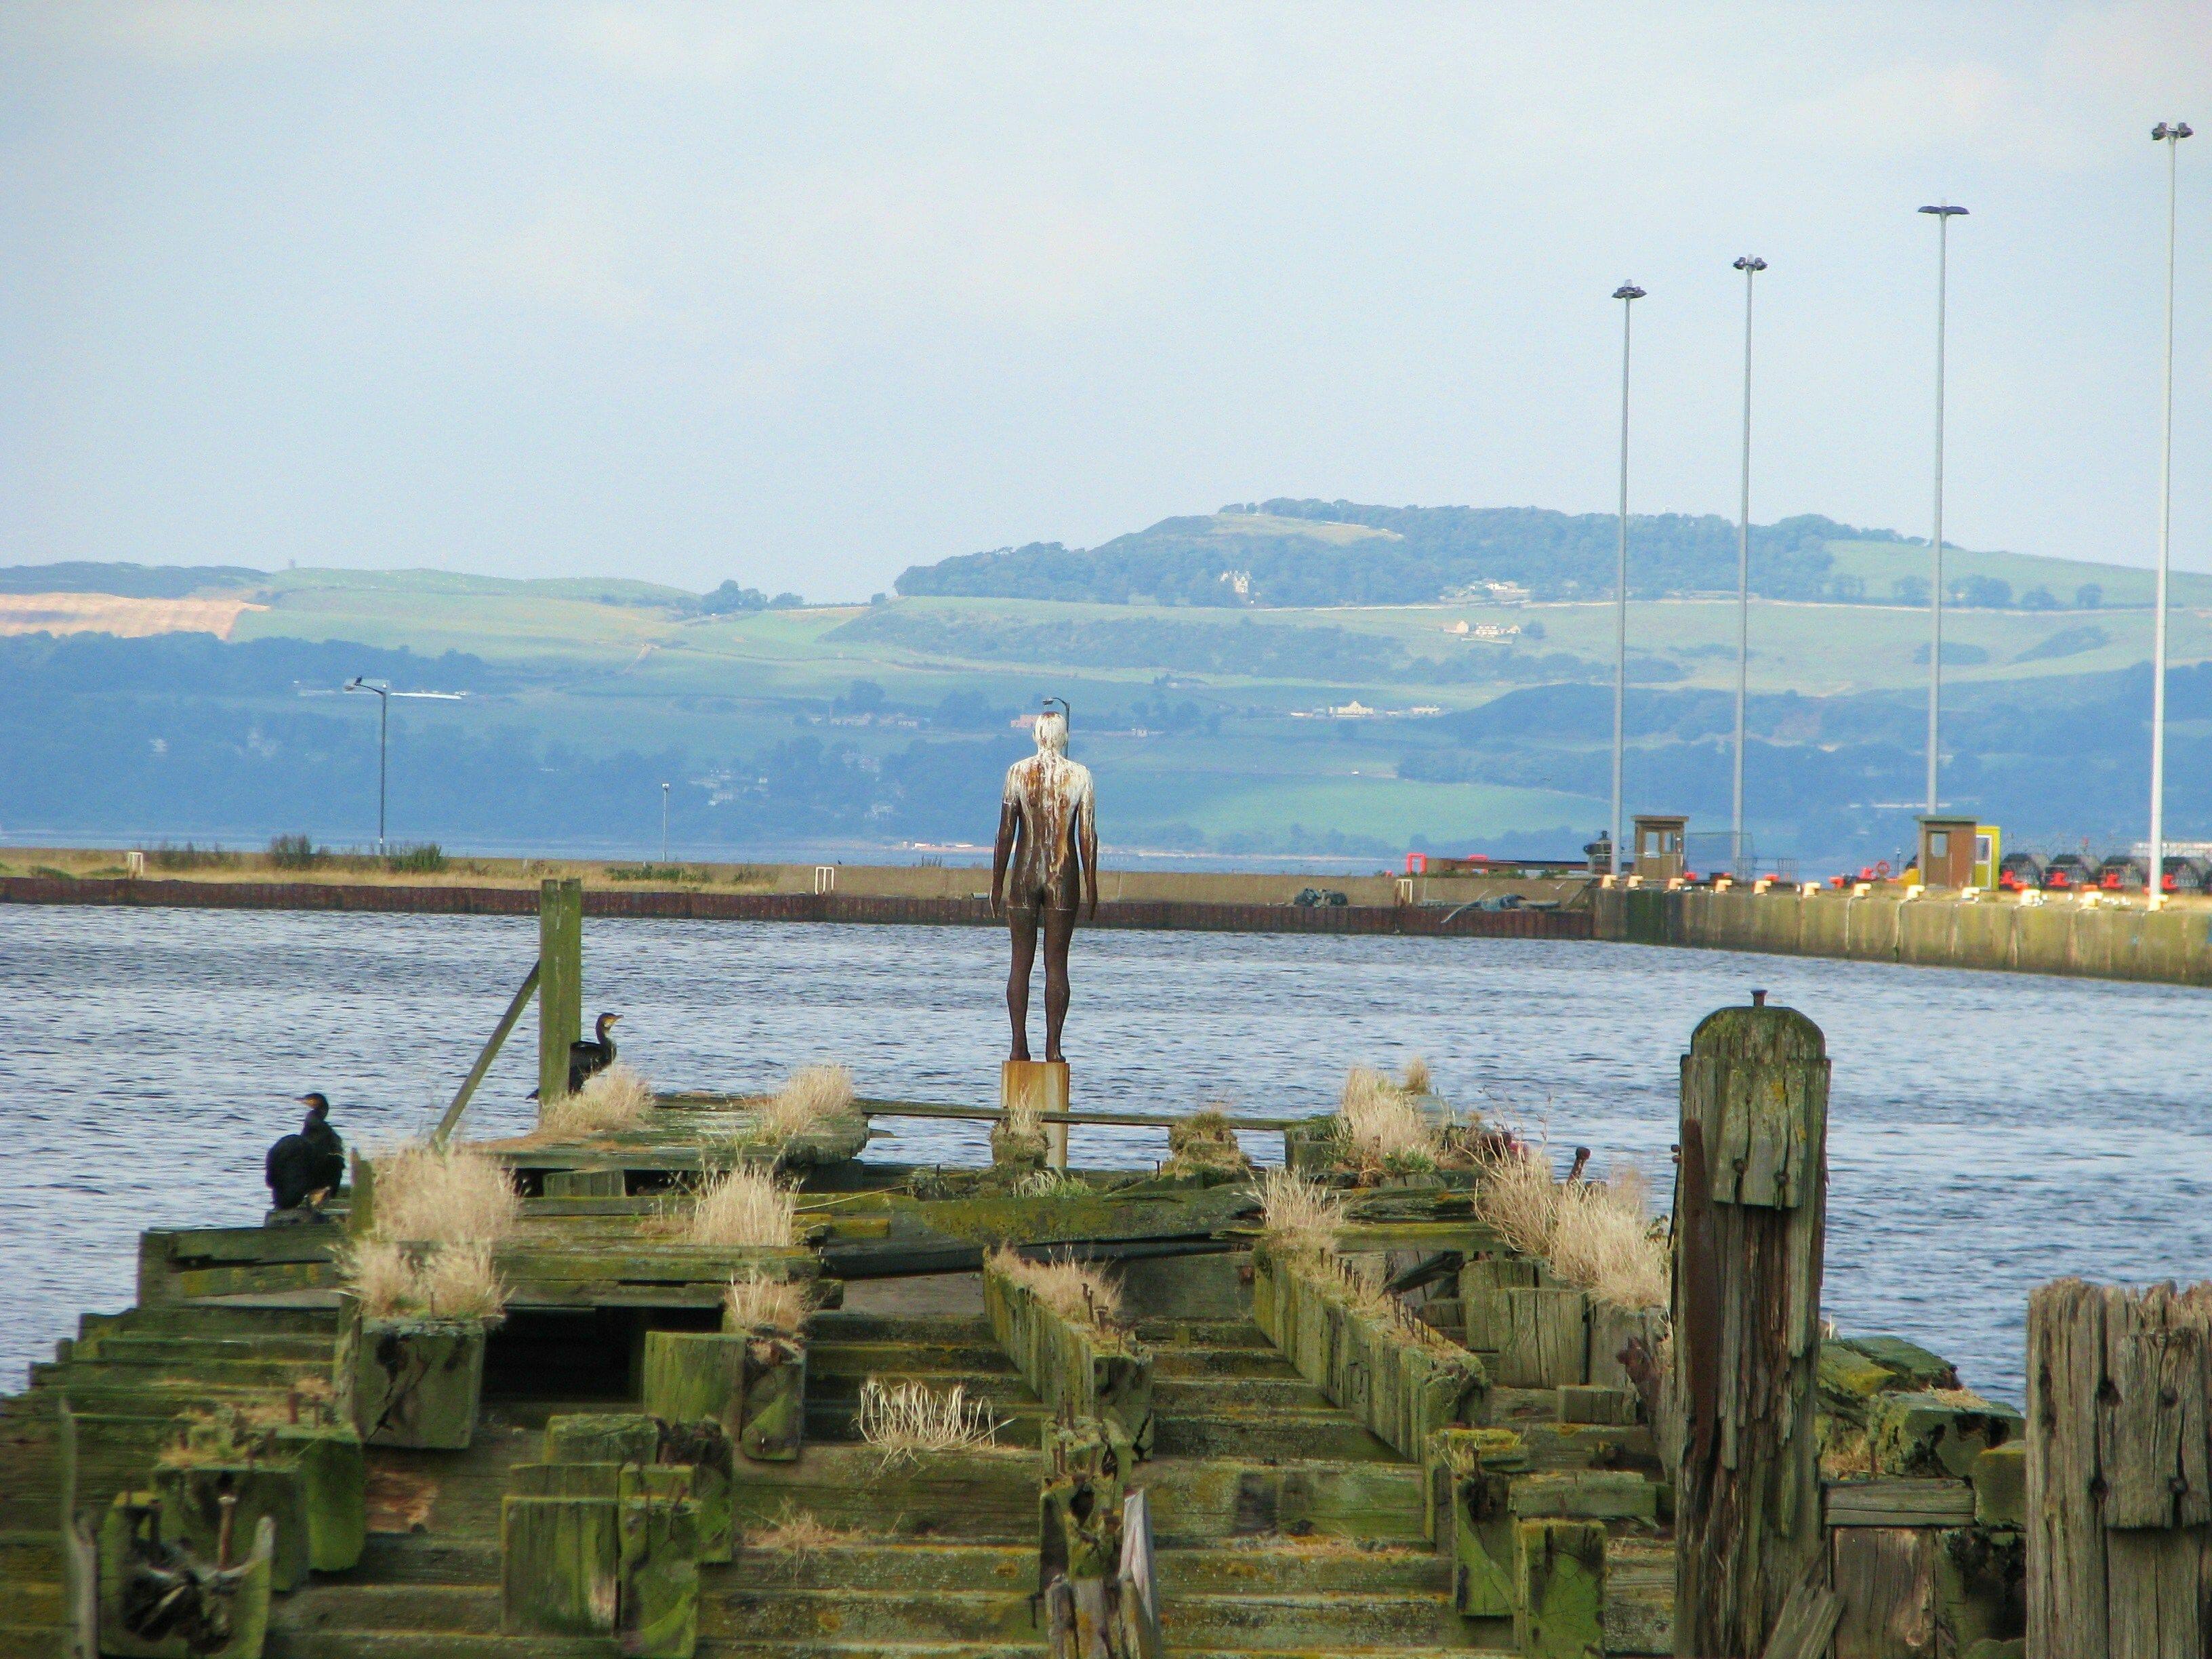 El desafío de Gormley: seis esculturas en Edimburgo